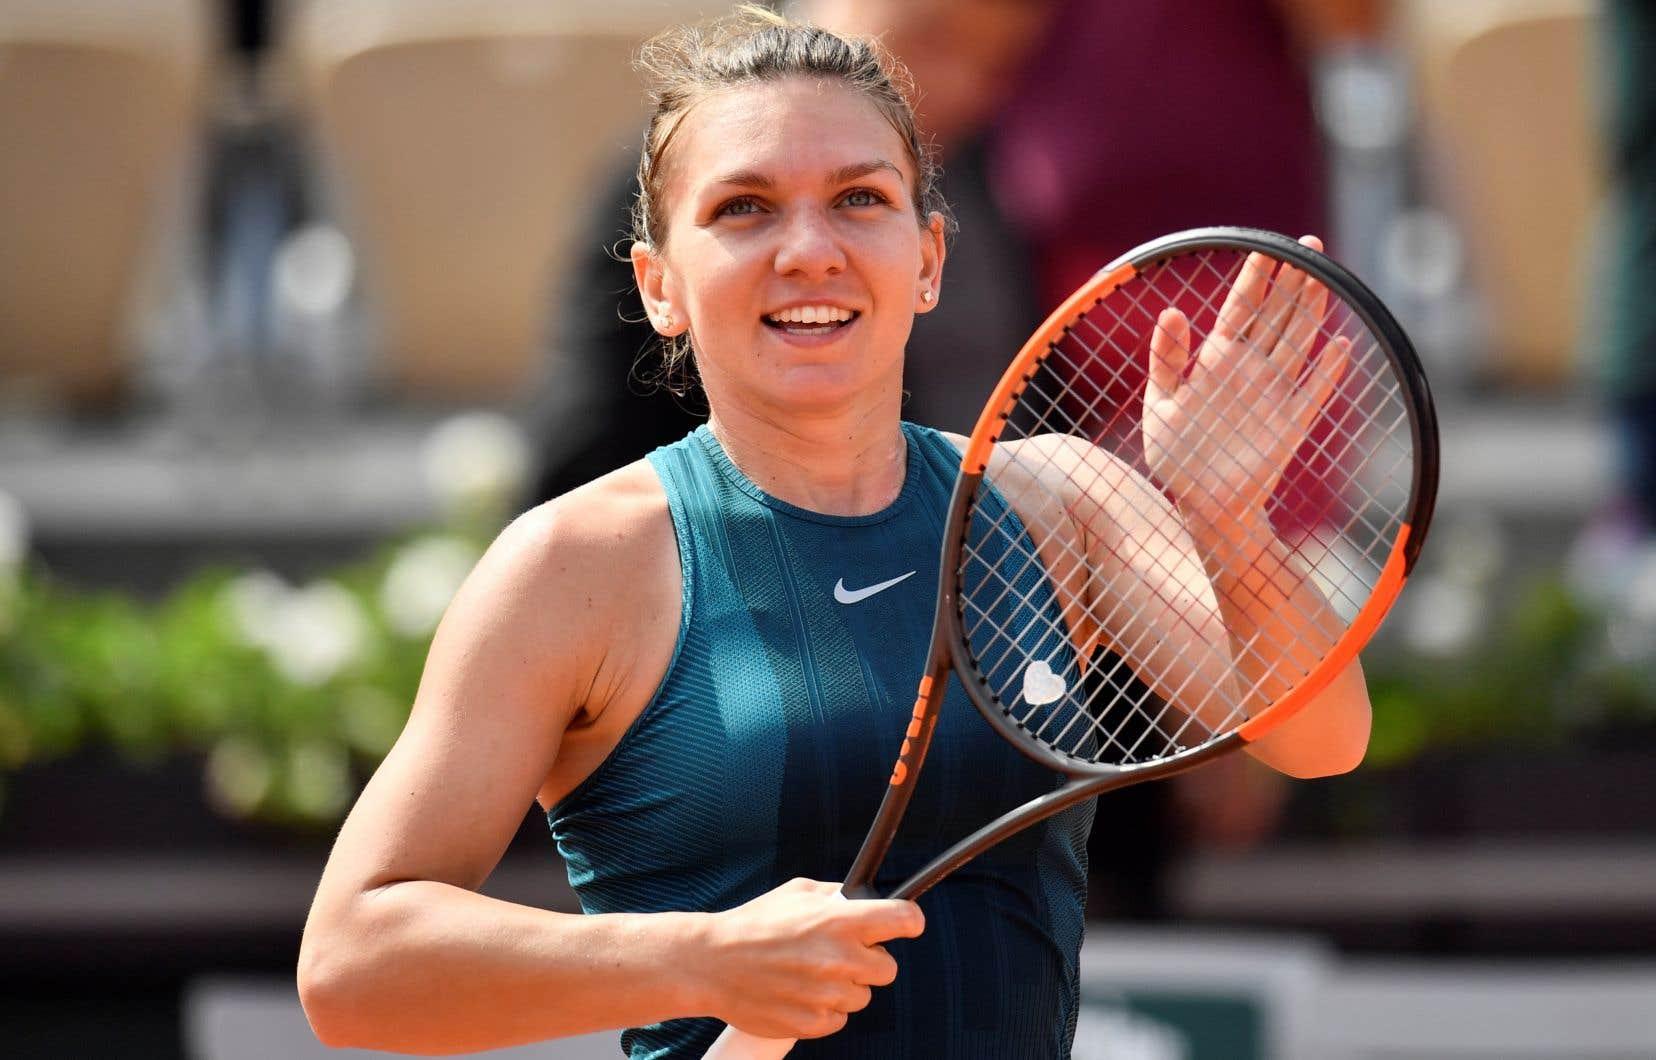 Parmi les athlètes les plus attendues à Montréal se trouve la championne de 2016, Simona Halep.